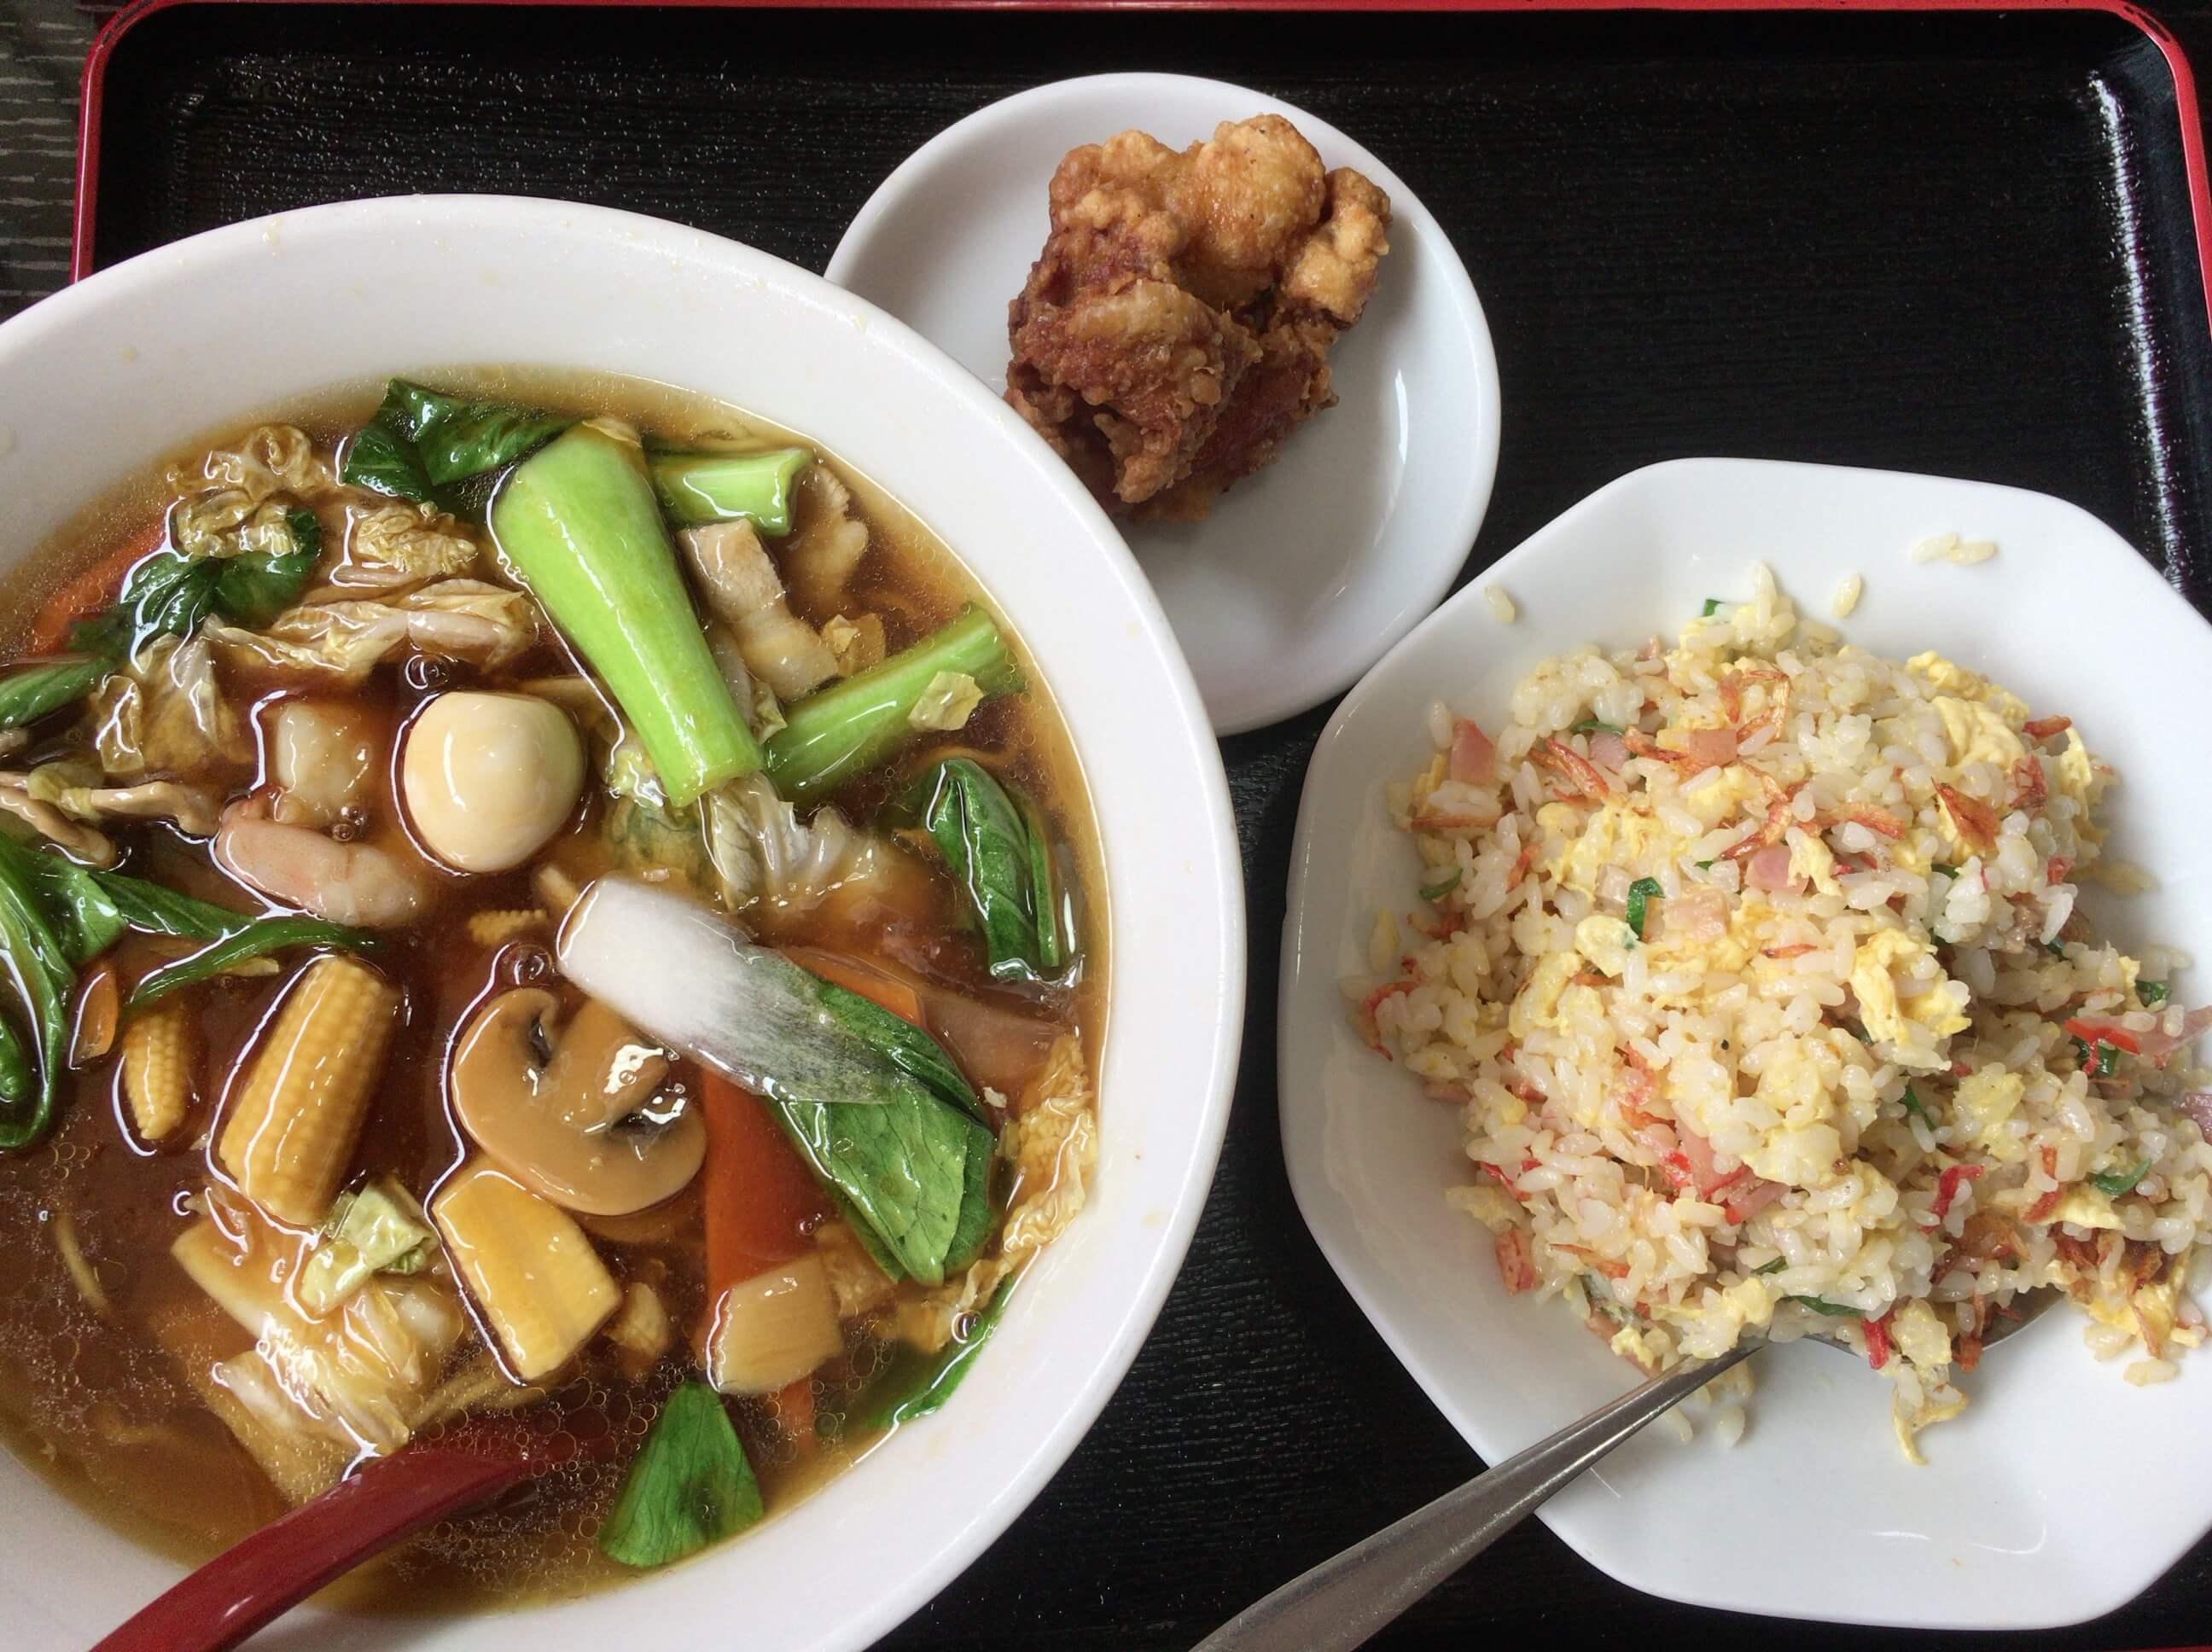 圧倒的コスパで美味い中華料理のお店 @ 中国家庭料理 京華